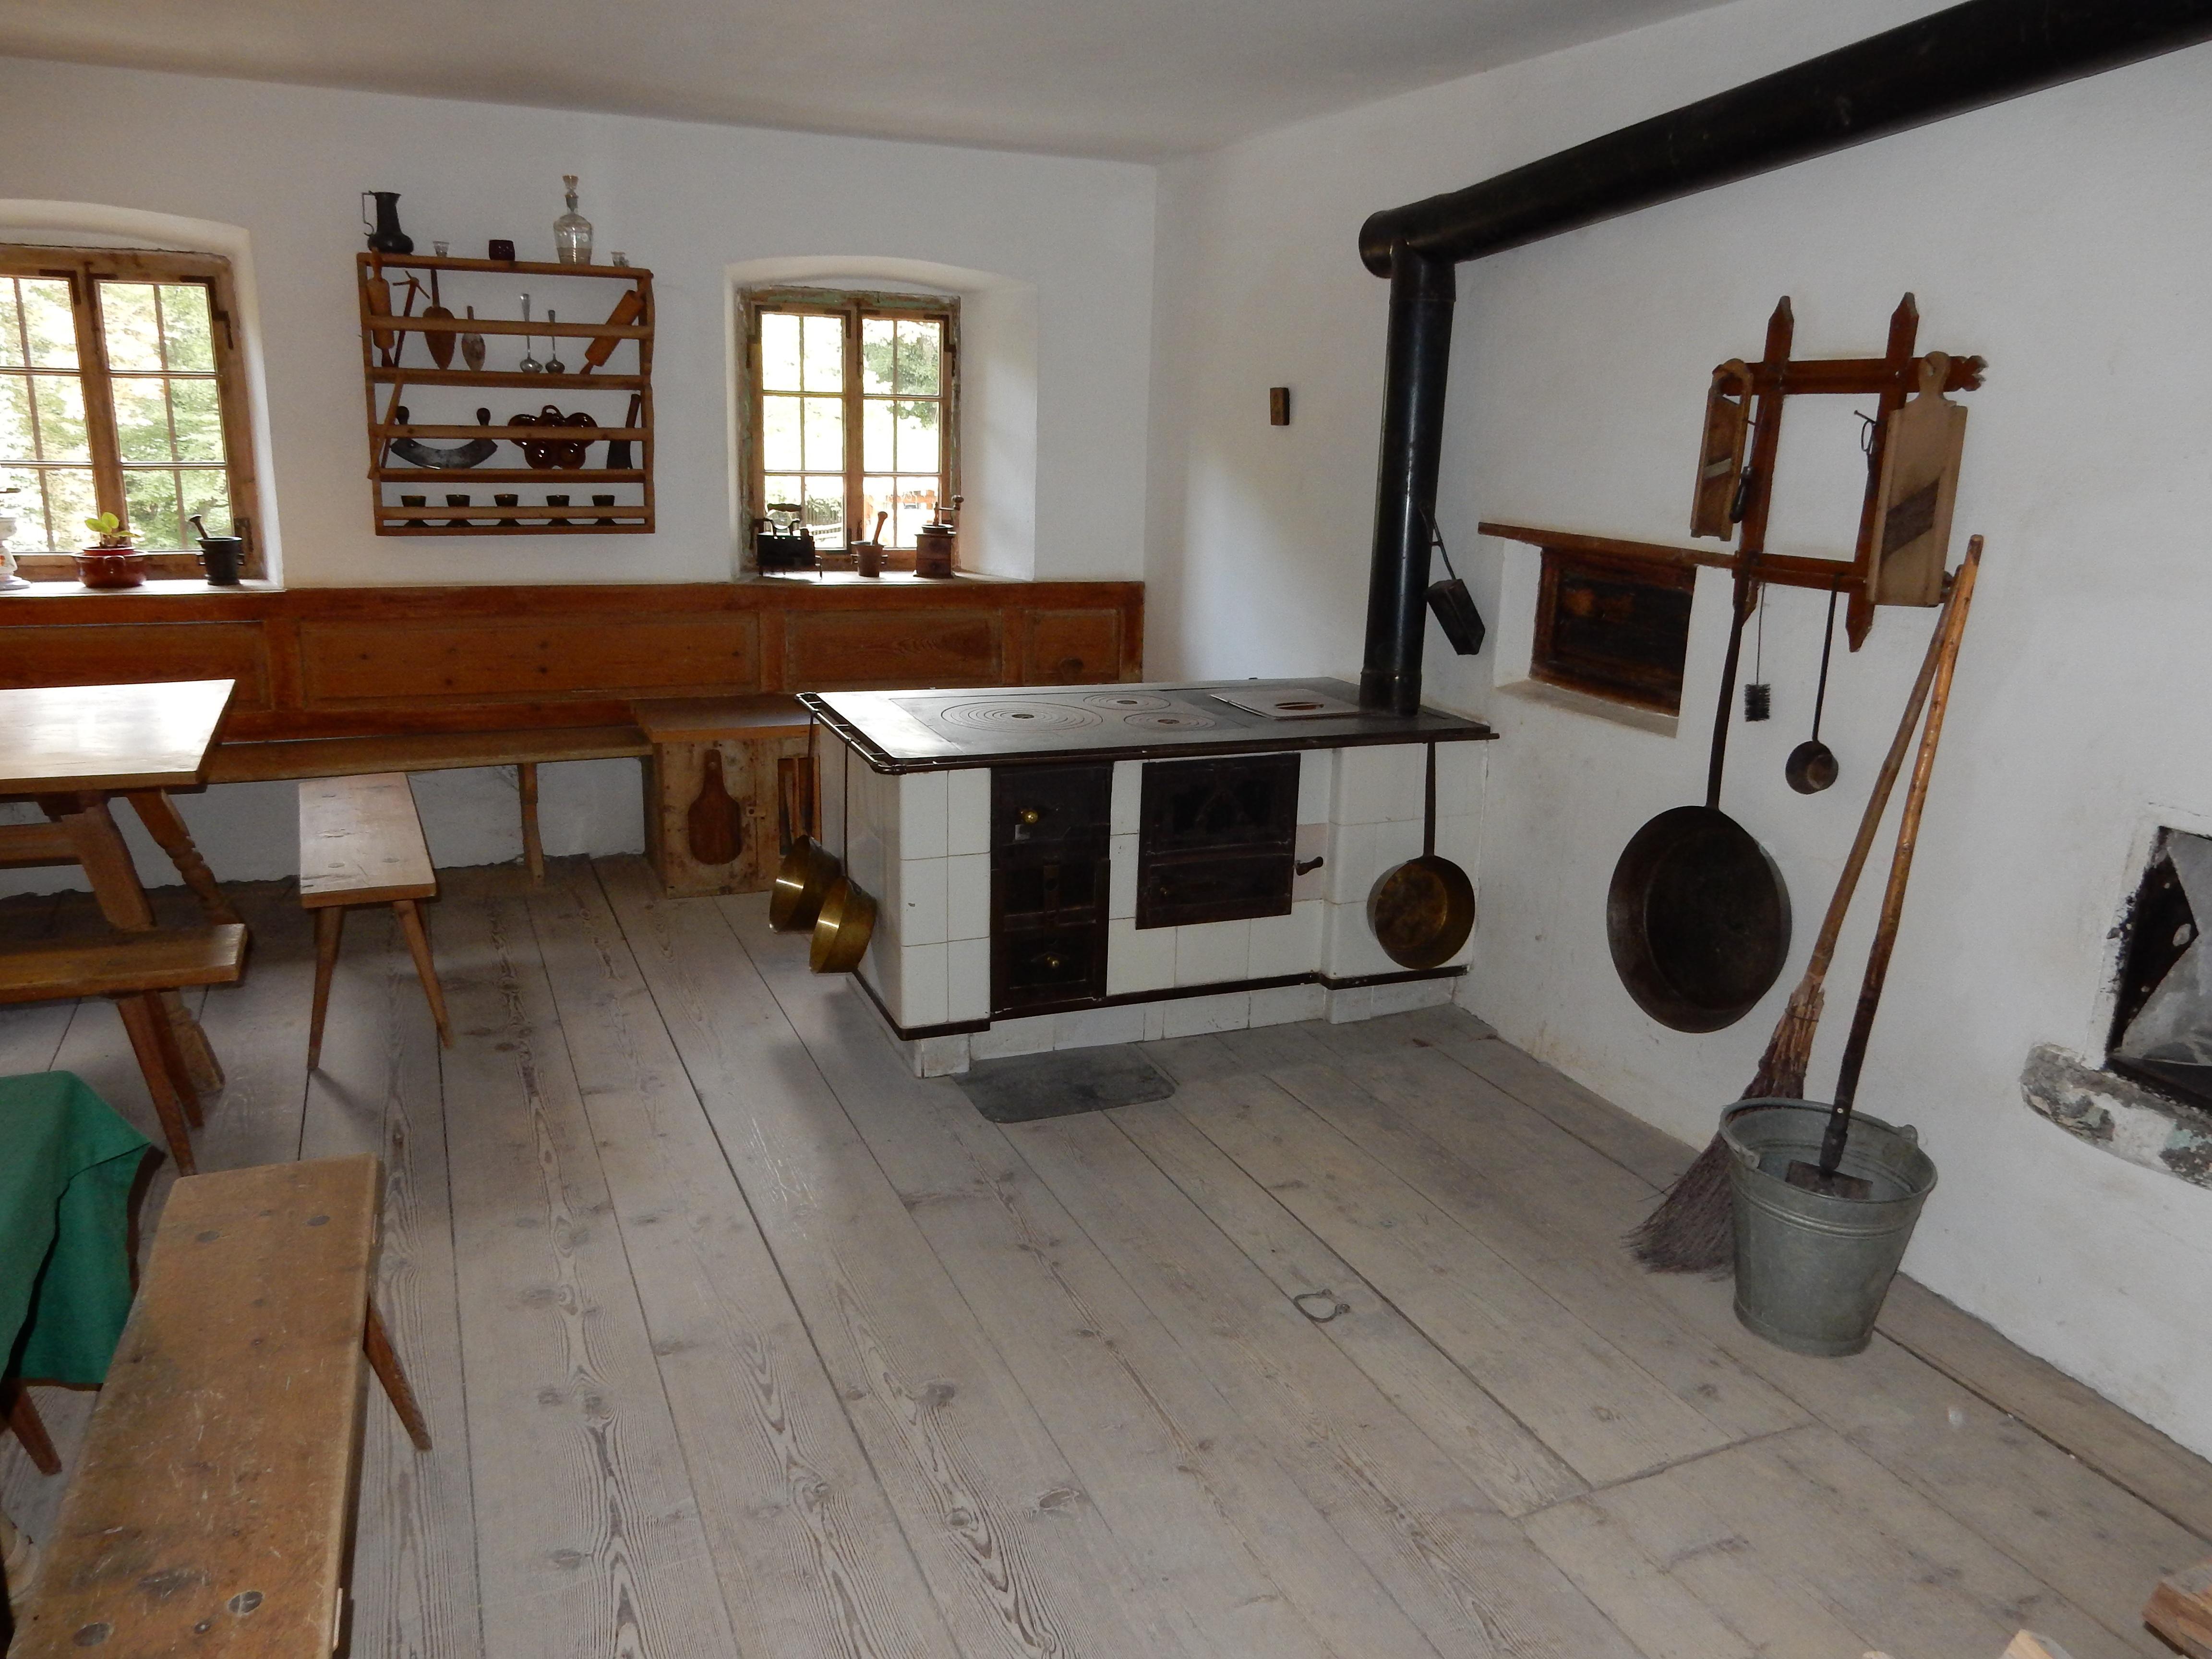 Fotos gratis : villa, piso, casa, museo, cabaña, desván, cocina ...